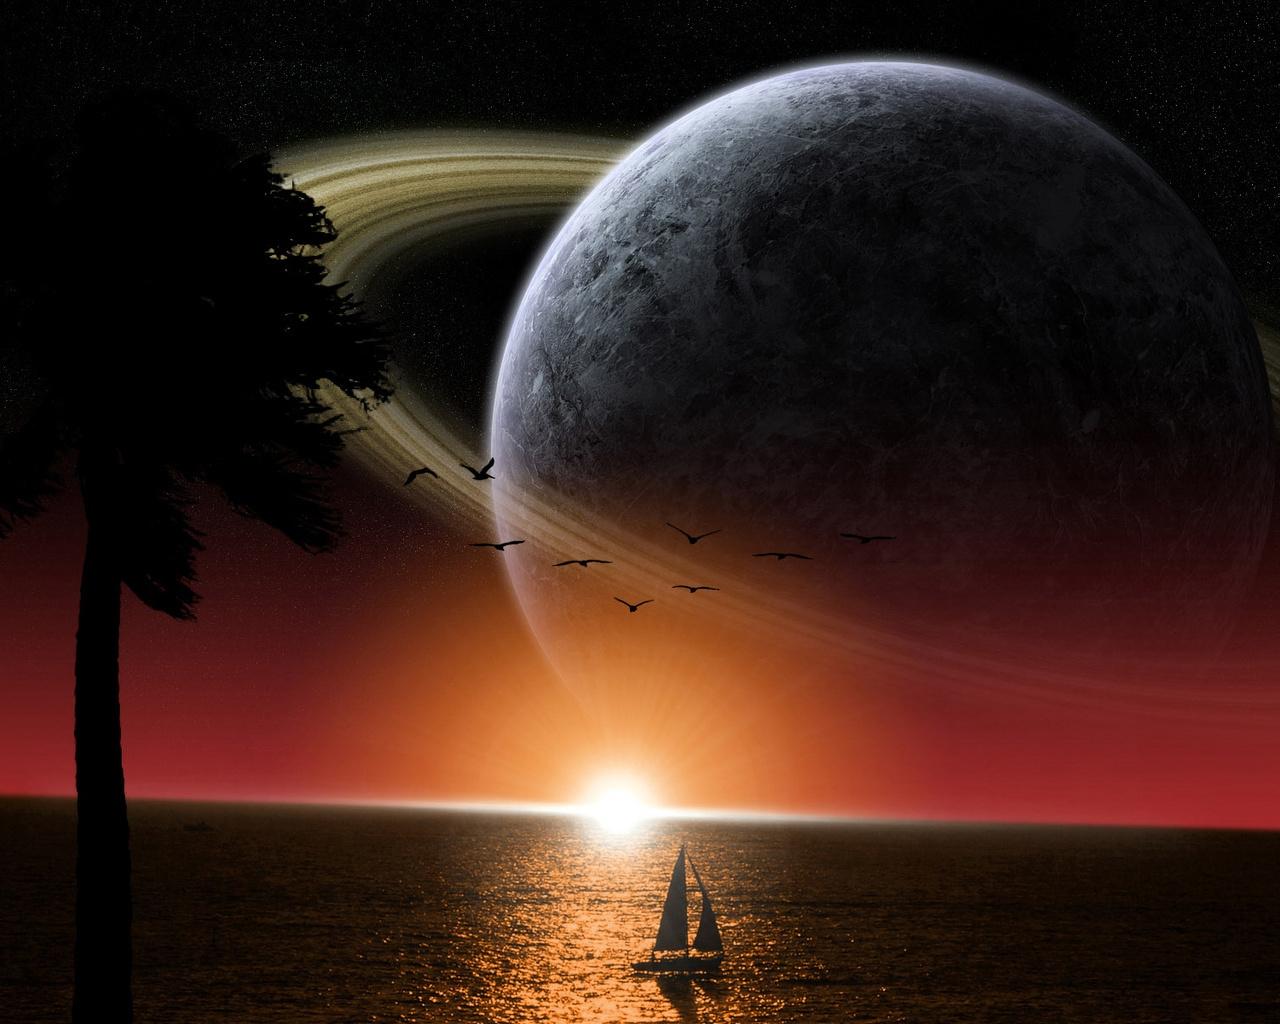 sfondi nave mare saturno sole spazio 1280x1024